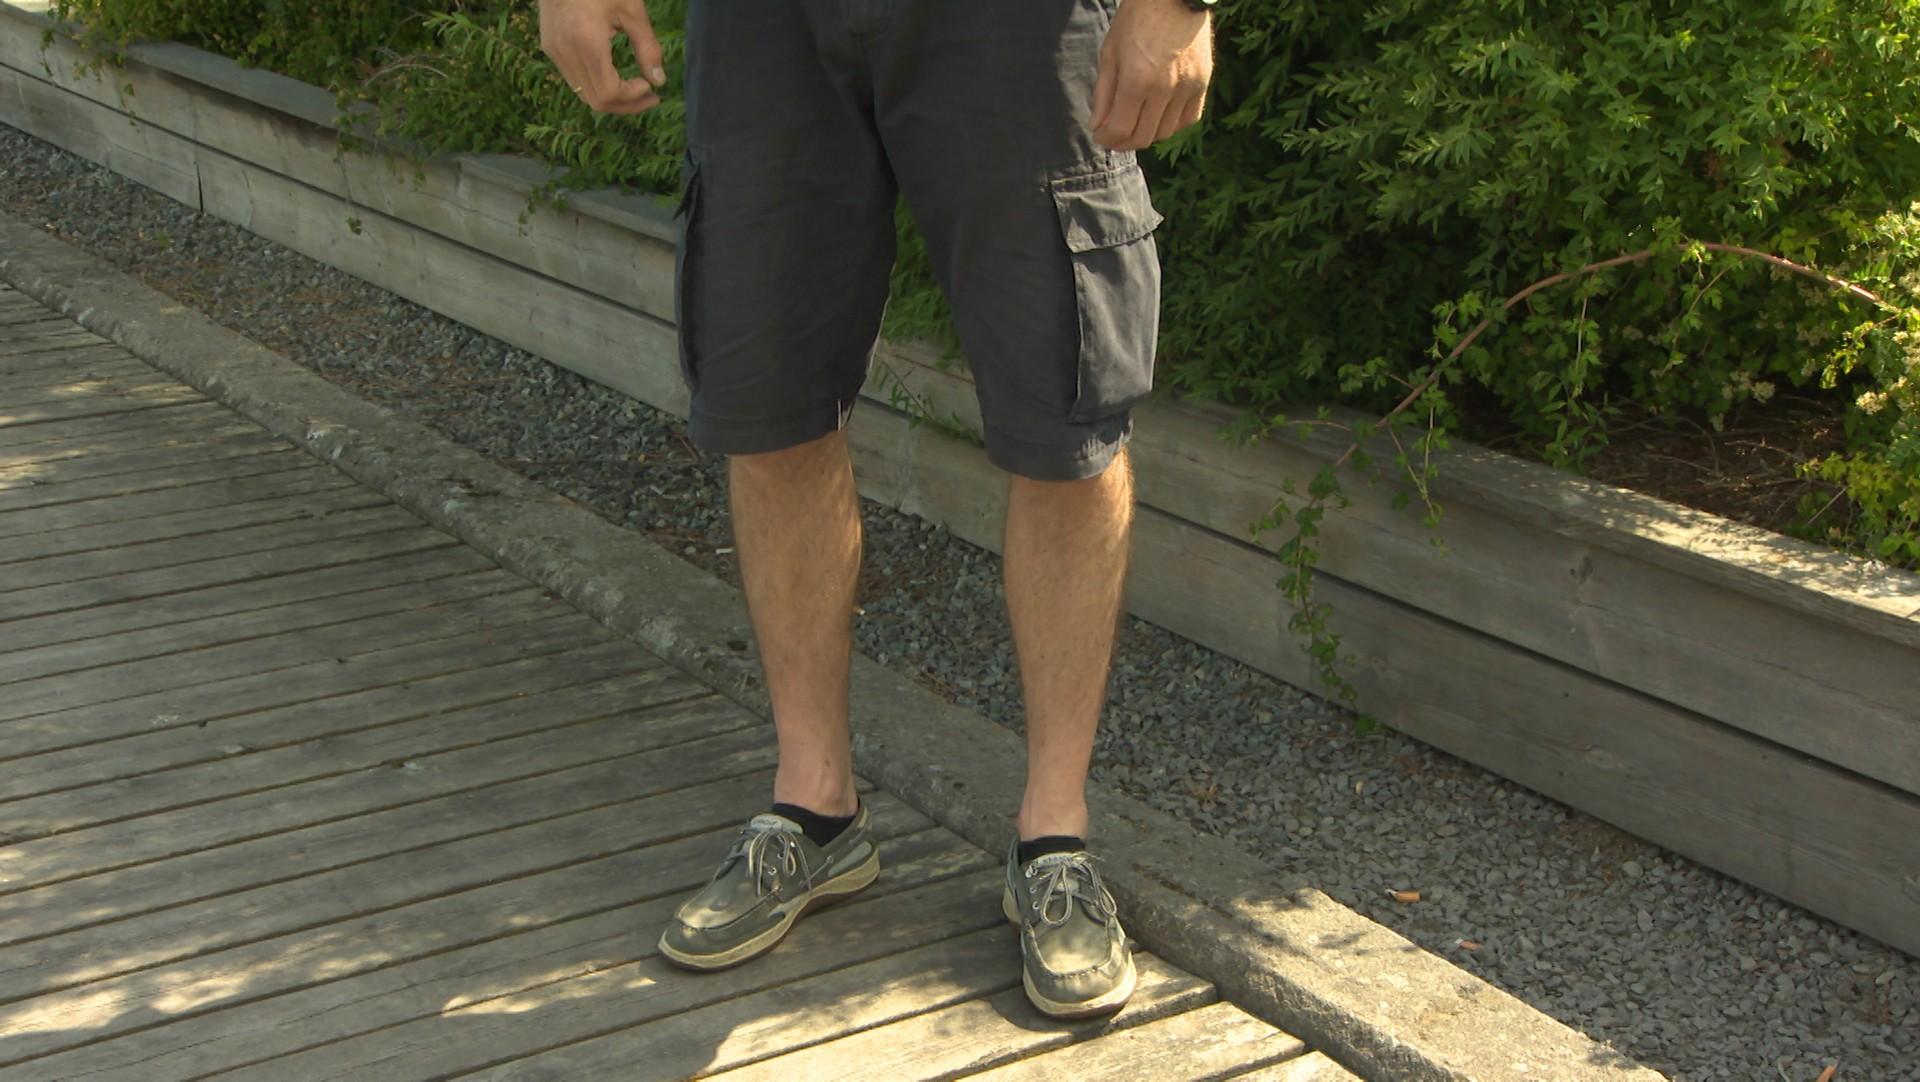 Greit å gå i shorts på jobb? – NRK Vestfold og Telemark